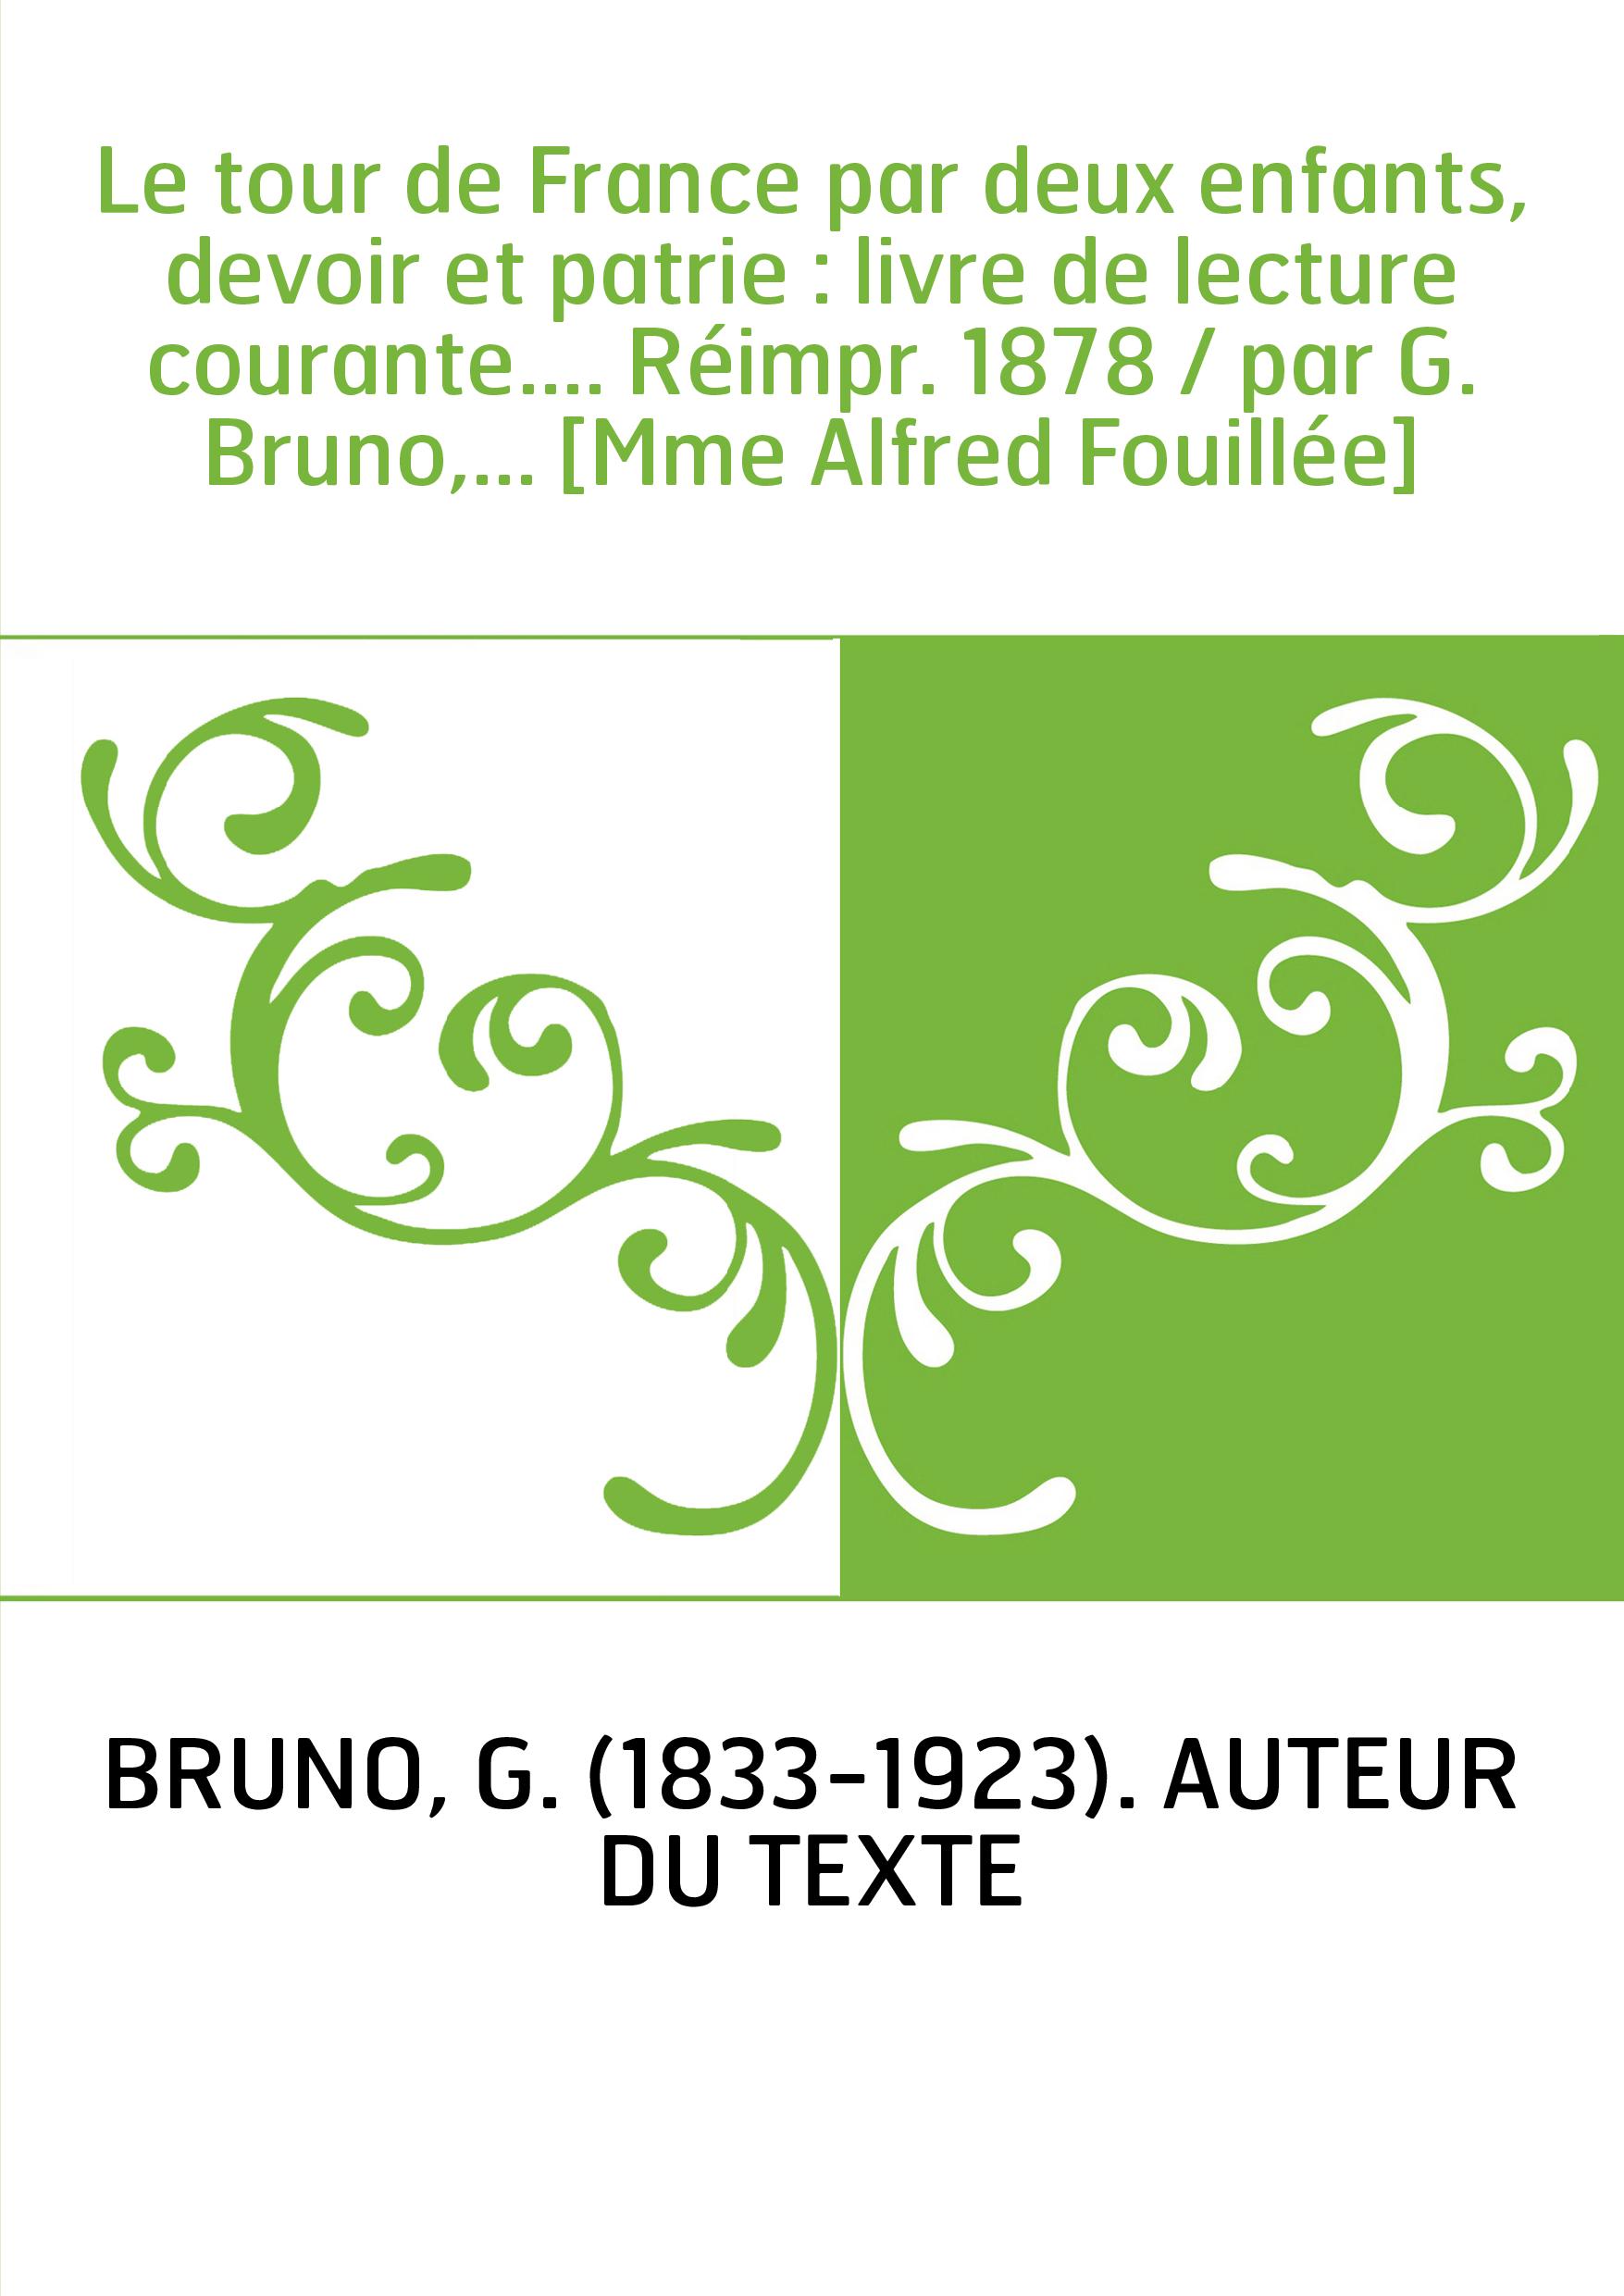 Le tour de France par deux enfants, devoir et patrie : livre de lecture courante.... Réimpr. 1878 / par G. Bruno,... [Mme Alfred